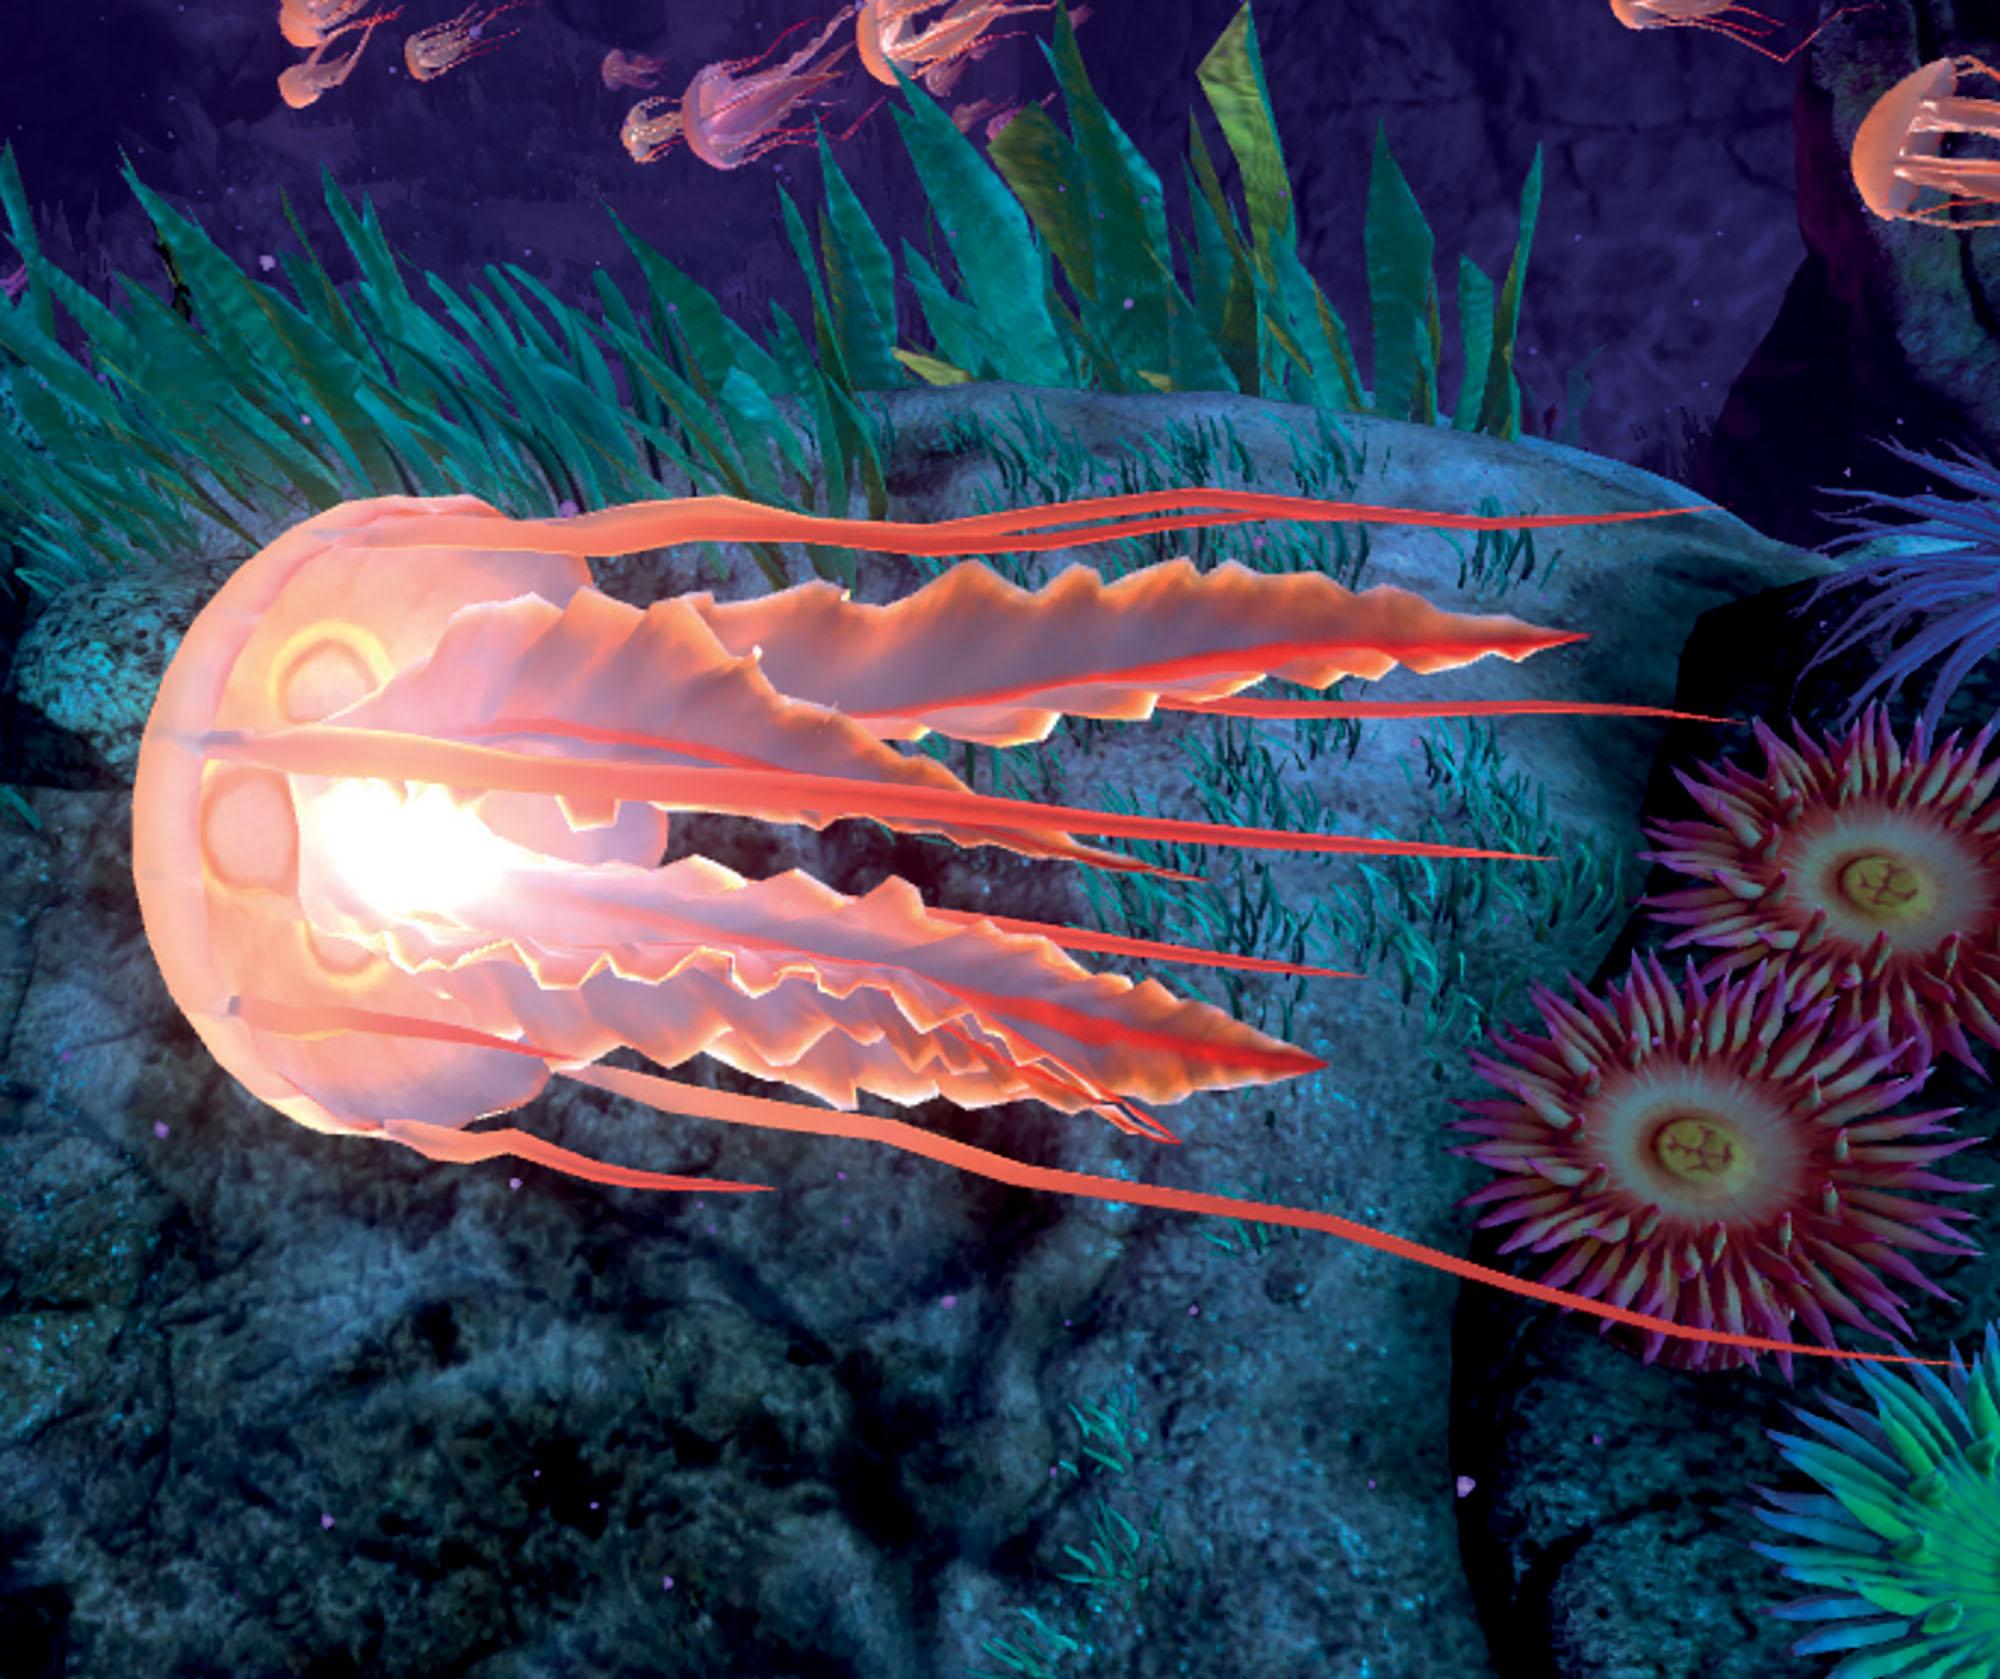 du lịch khám phá sứa biển